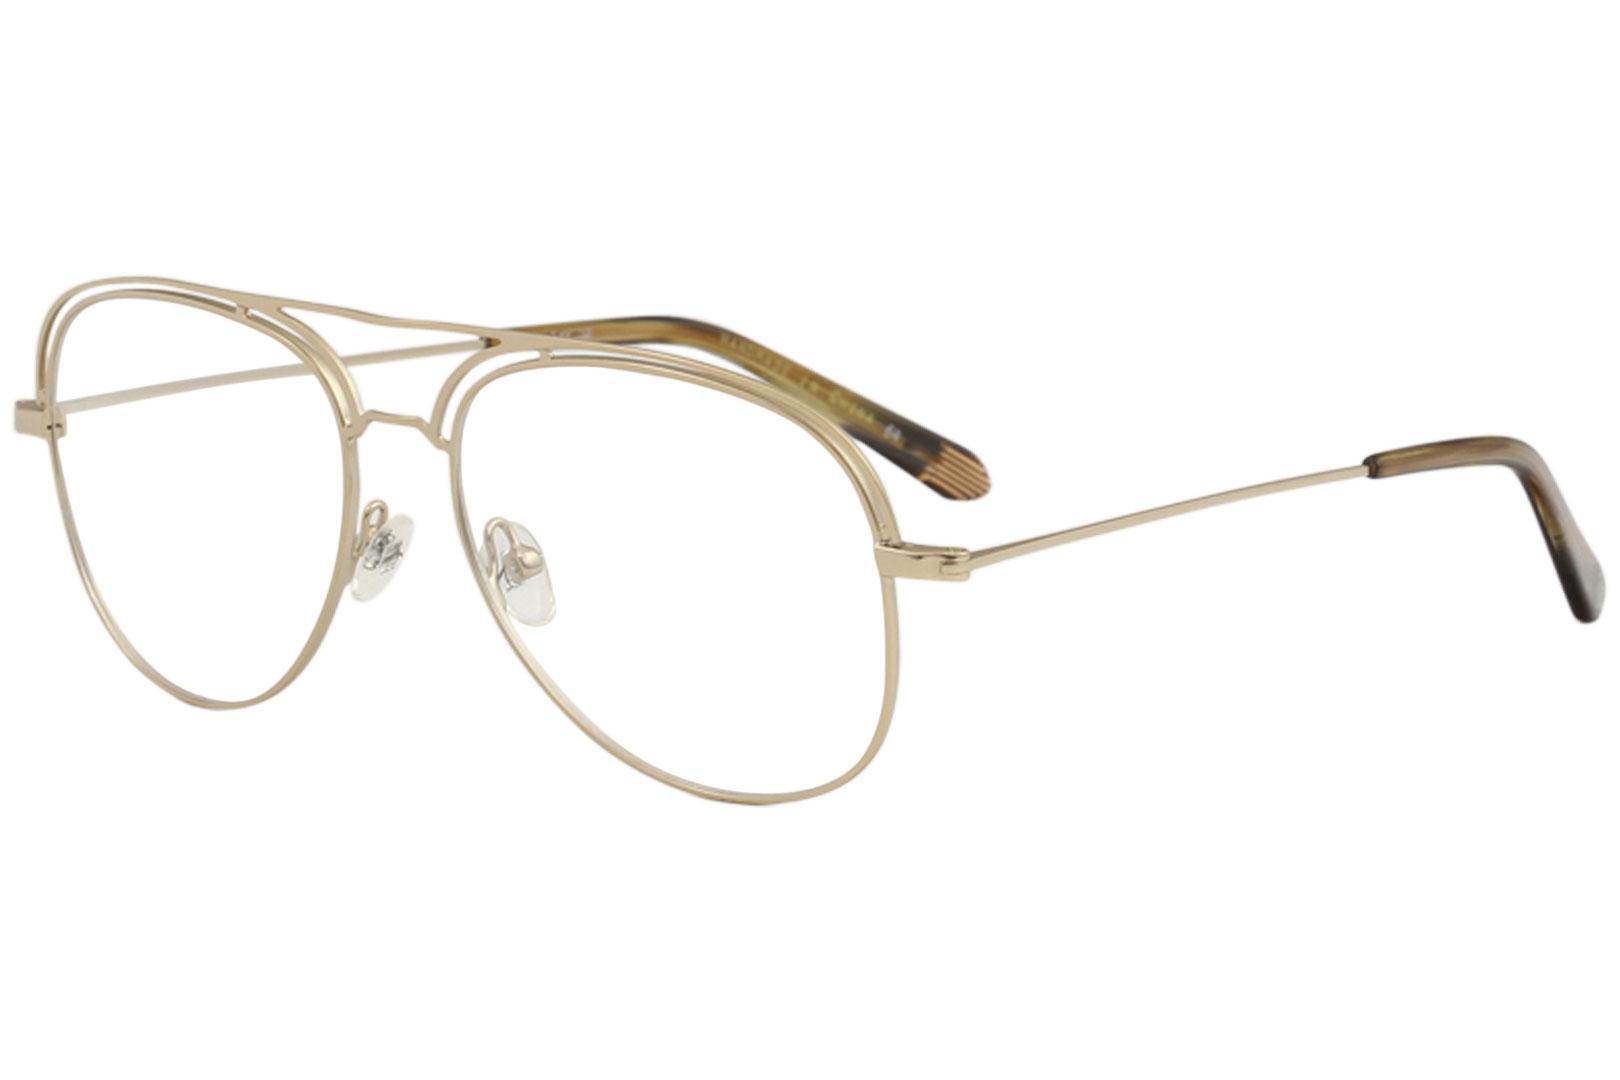 Image of Original Penguin Men's Eyeglasses The Daddy Full Rim Optical Frame - Gold - Lens 55 Bridge 16 Temple 145mm